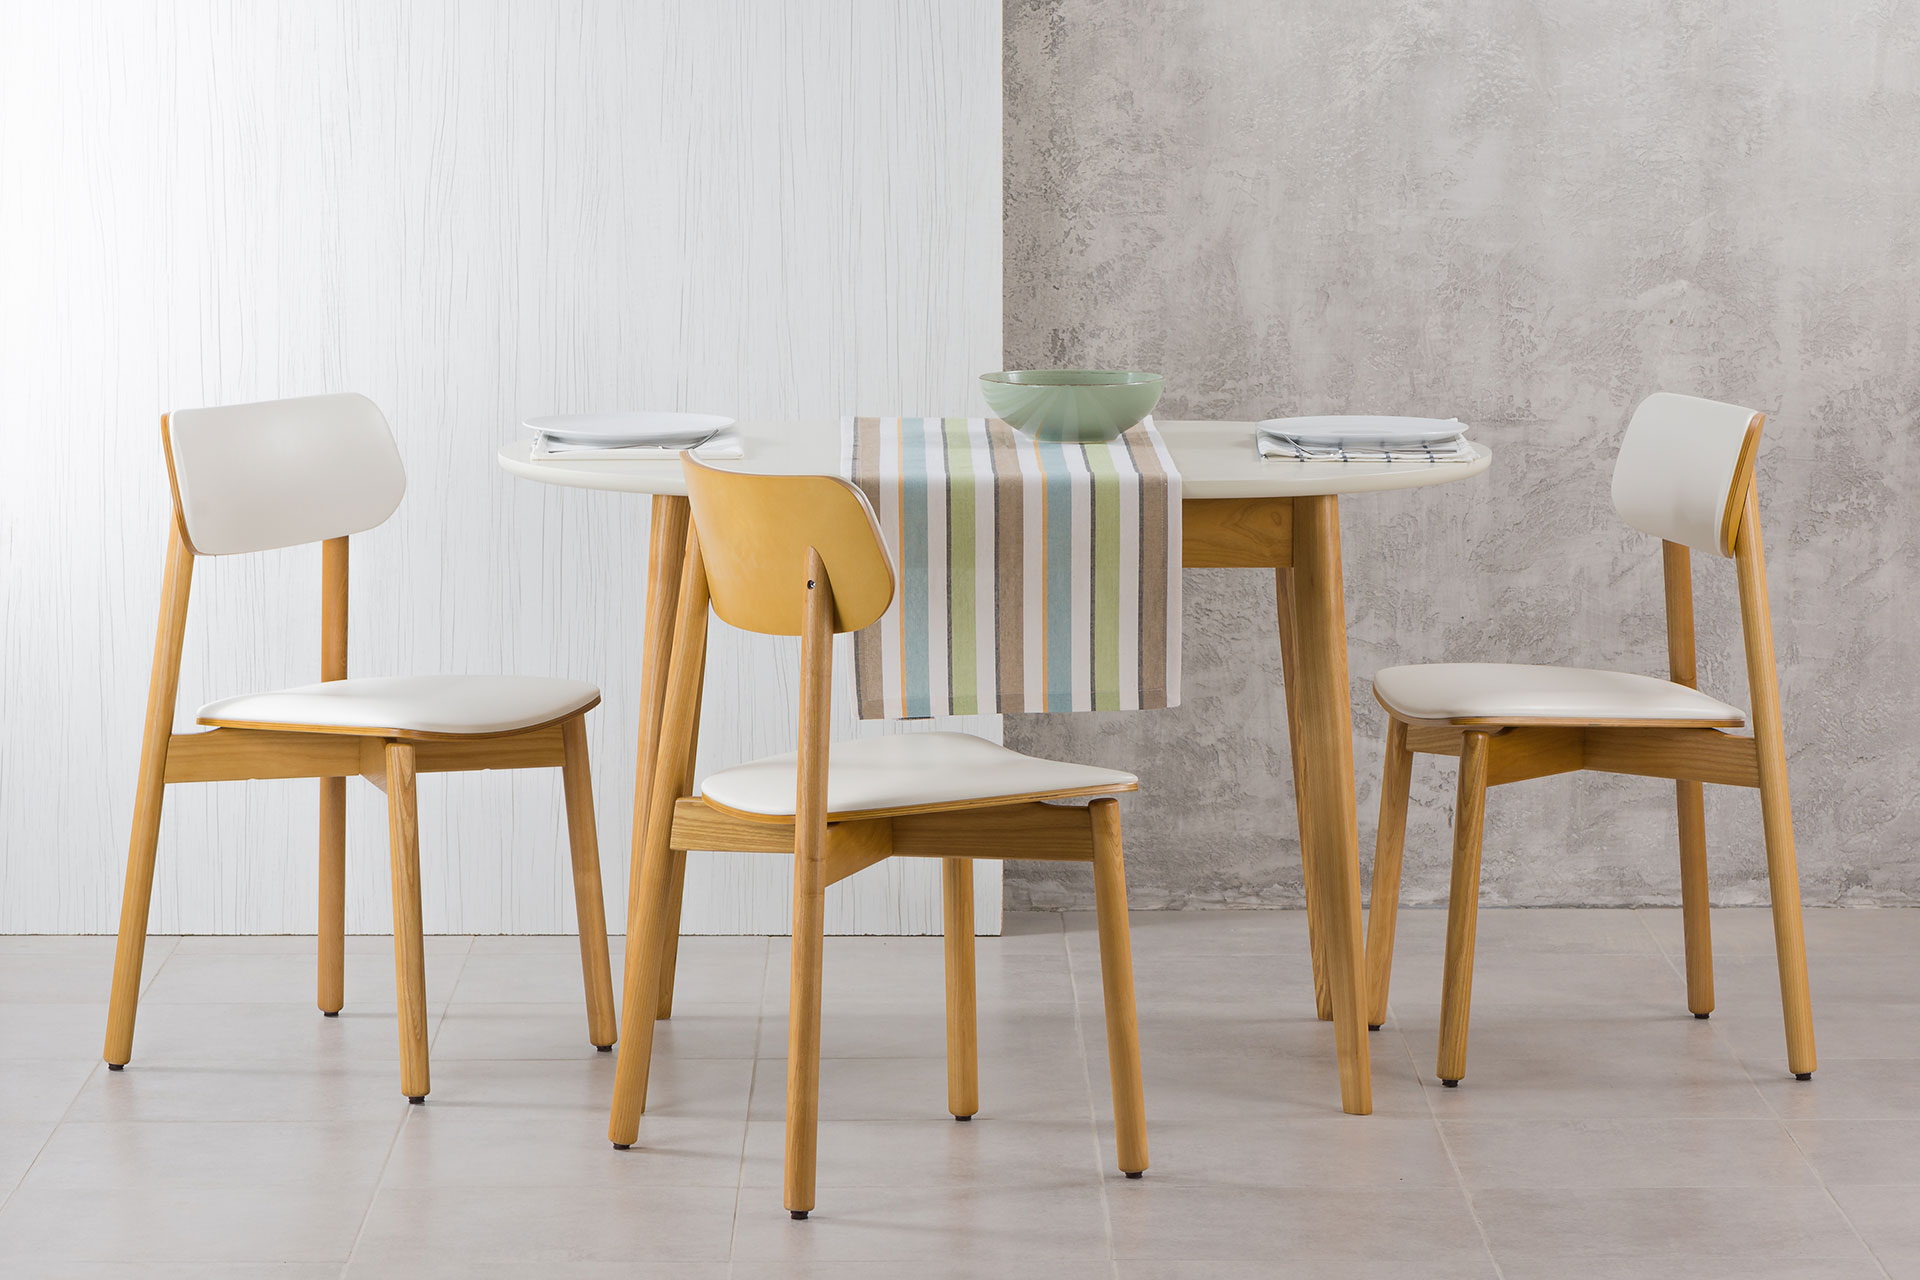 Кухонный комплект: стол Турин-овал (белый) обновленный + 4 стула Х